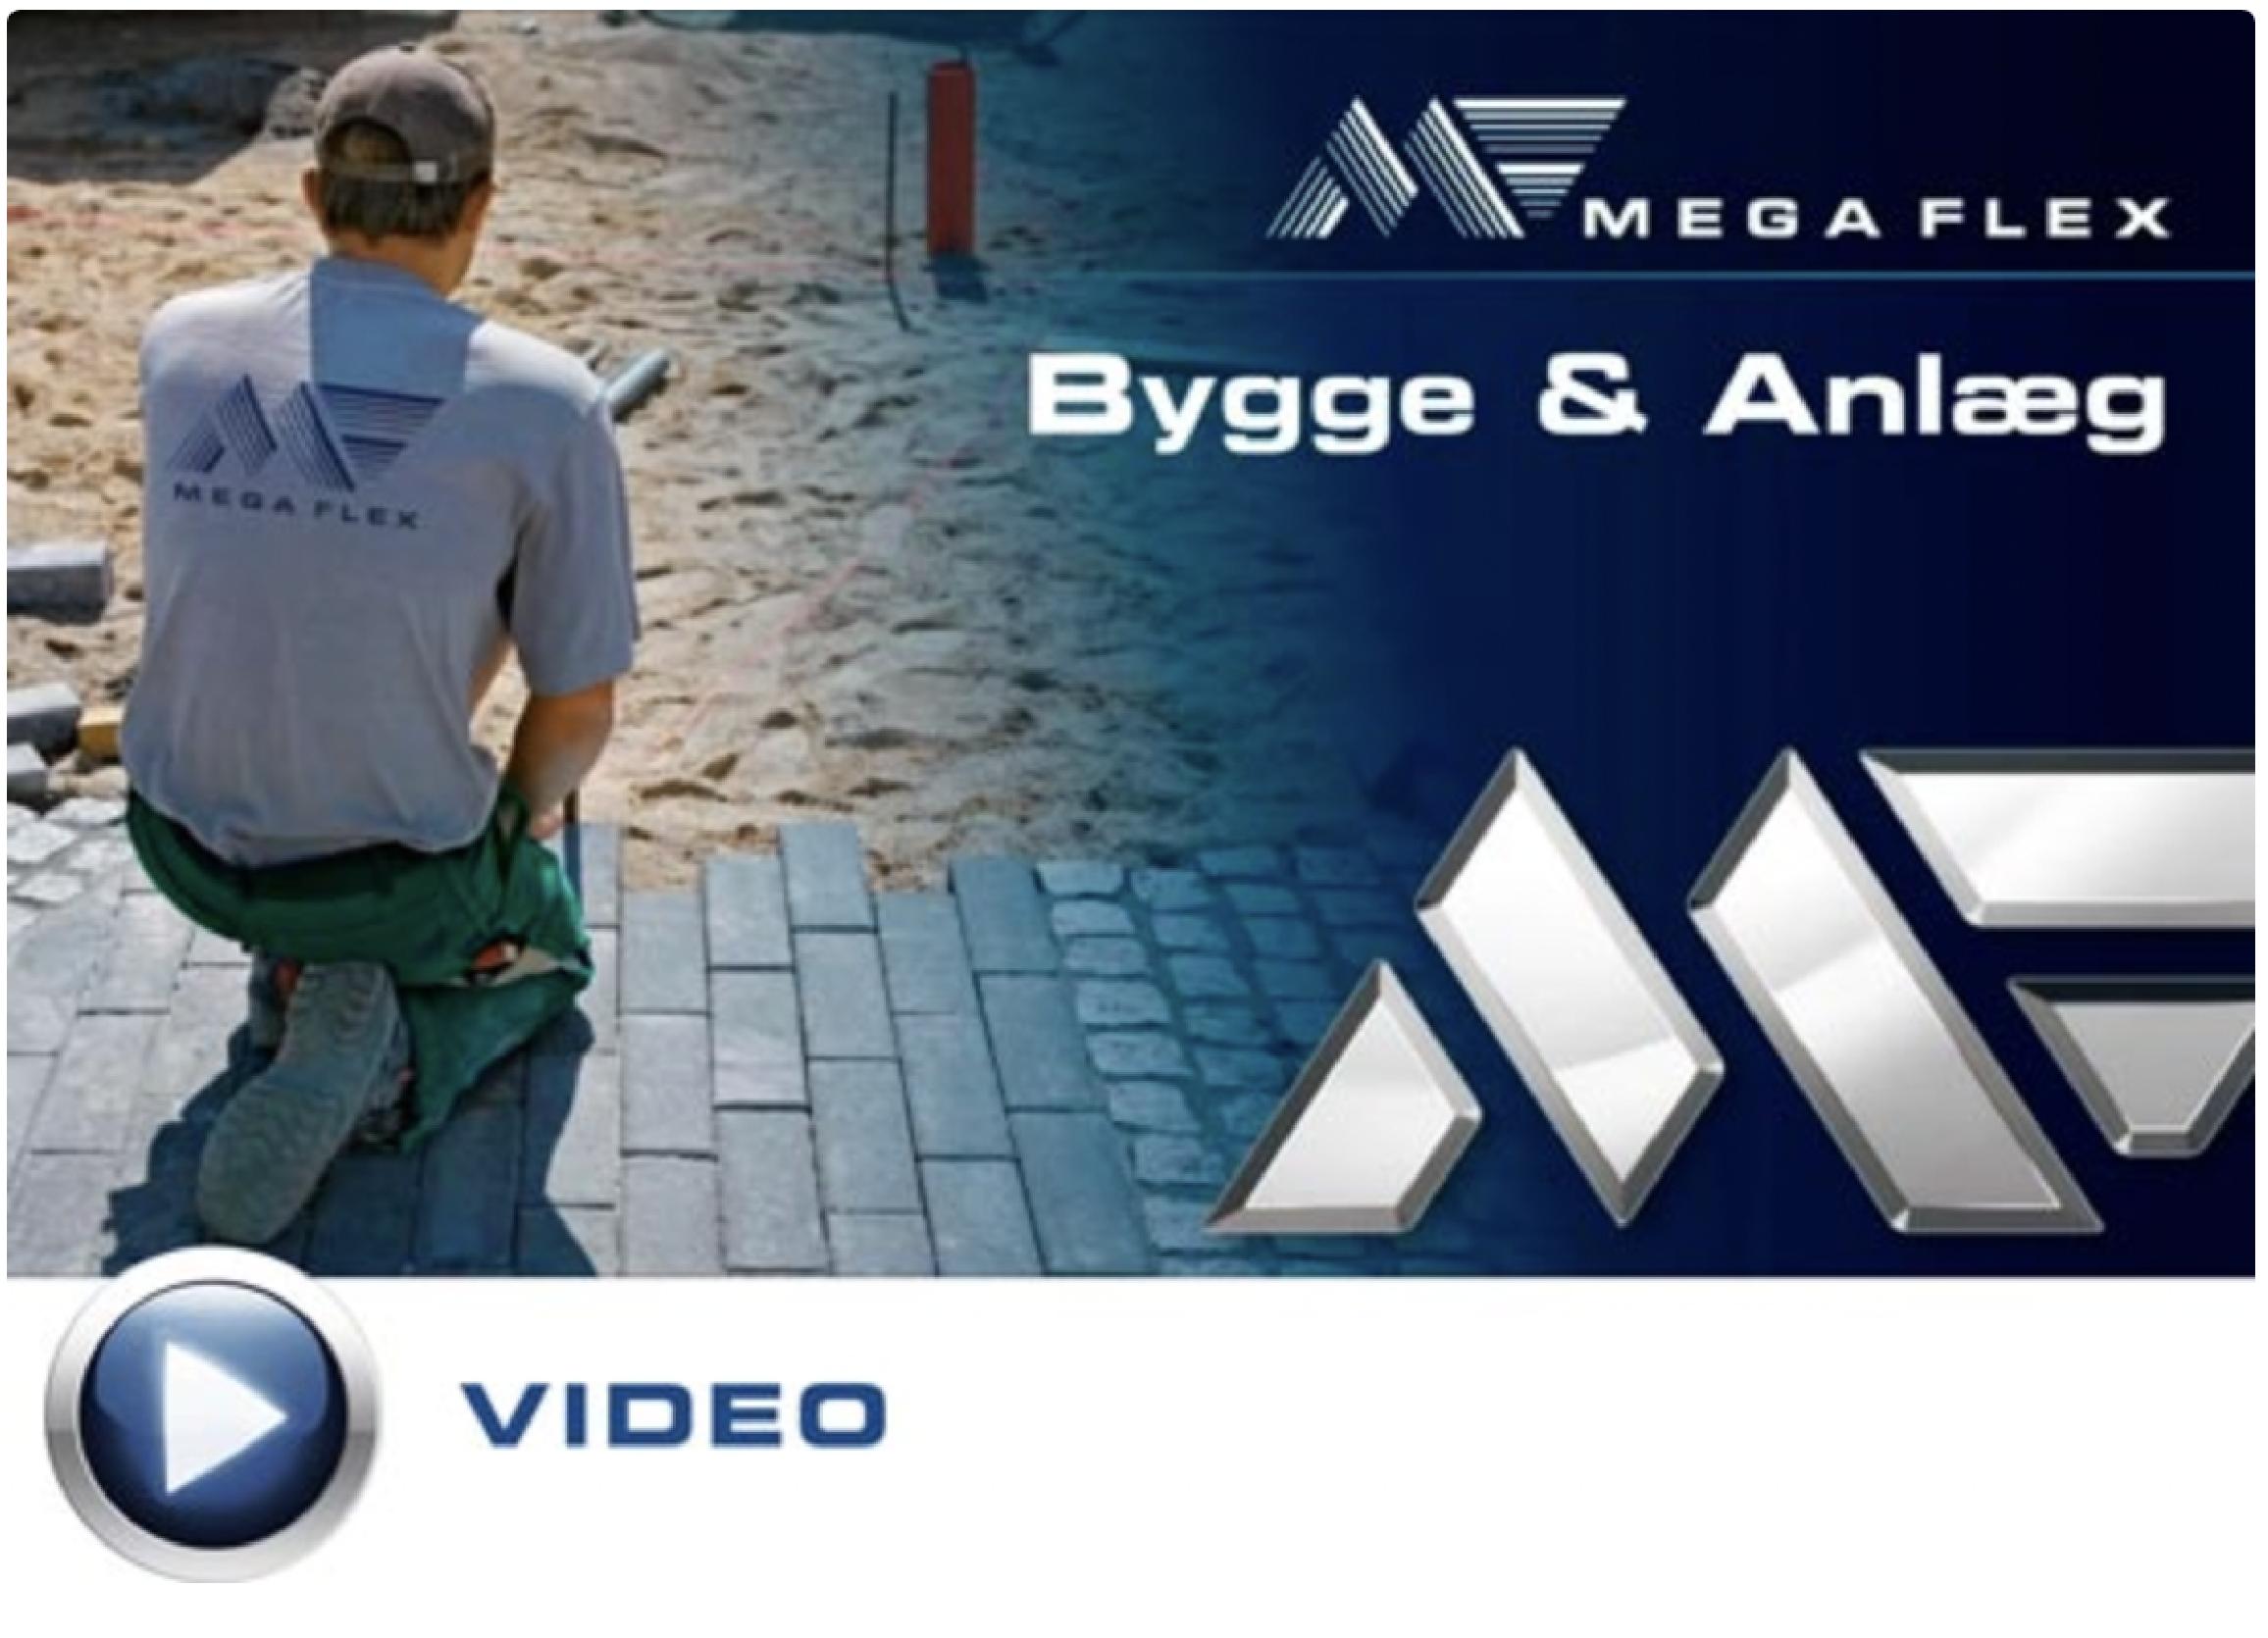 MegaFlex Video_Bygge og anlæg-01